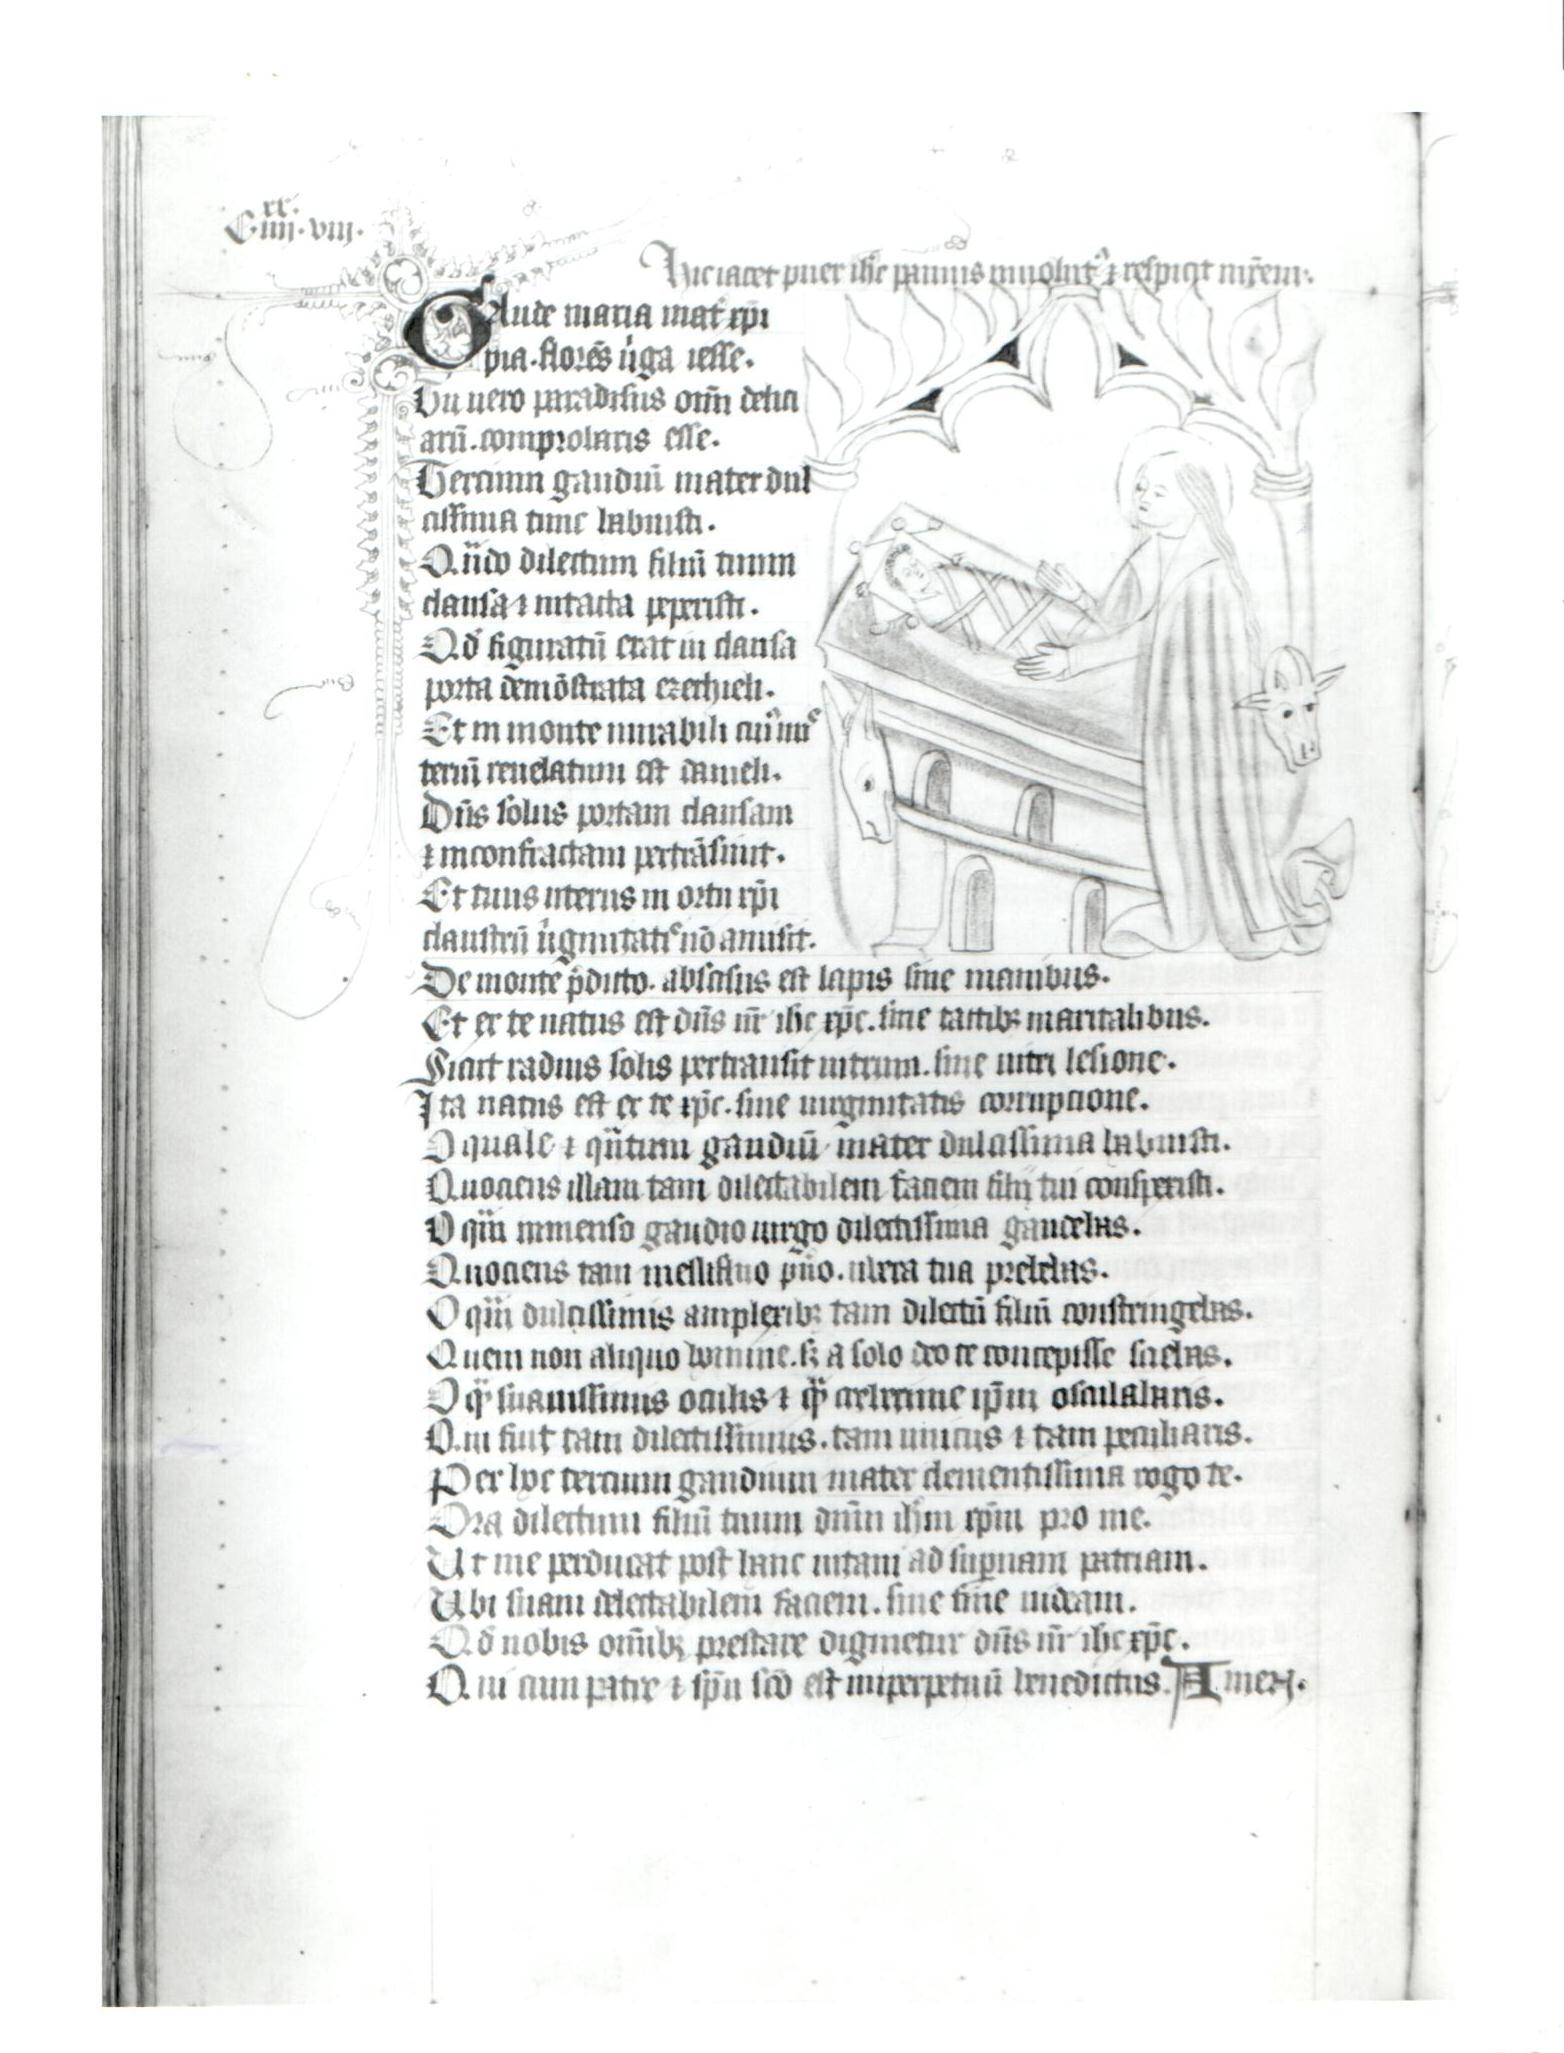 12. Beinecke MS 27, f. 88v